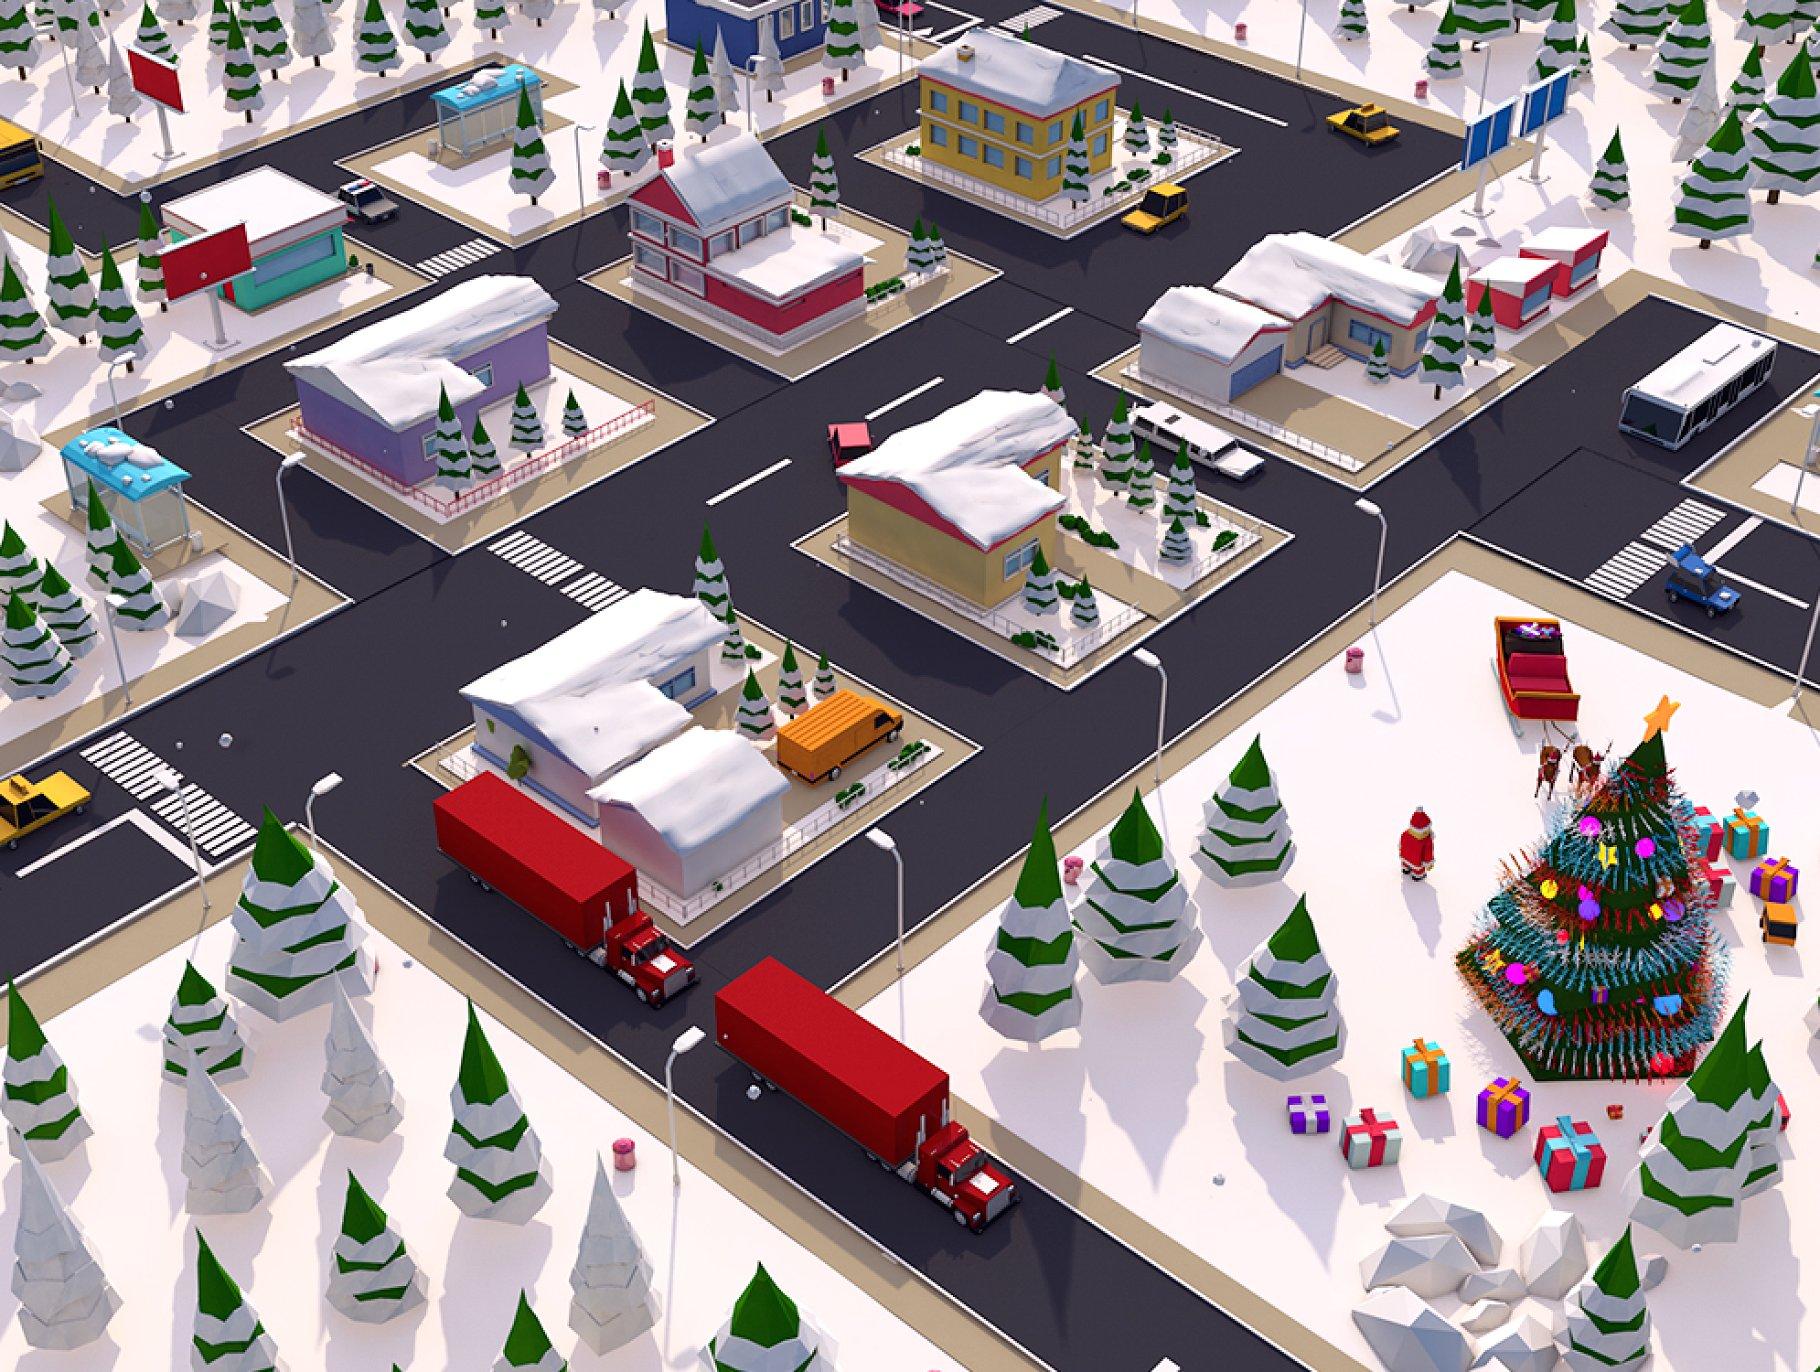 低多边形(Low Poly)冬季圣诞节新年场景的小镇城市大场景C4D素材下载[C4D,3ds,fbx,mtl,obj]